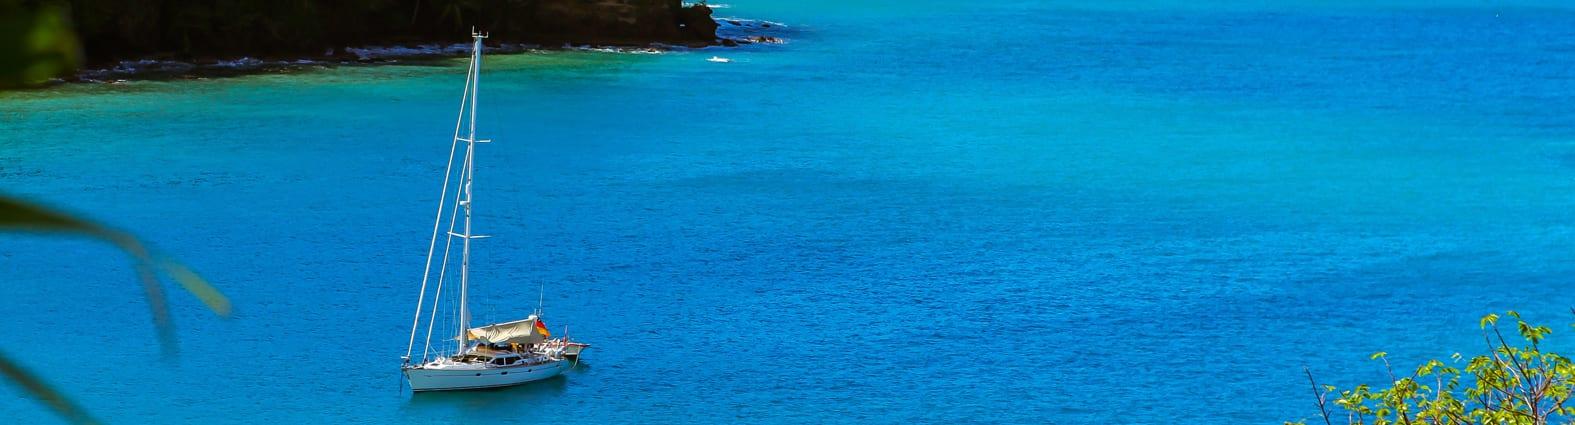 Sailing in Maui - 2483